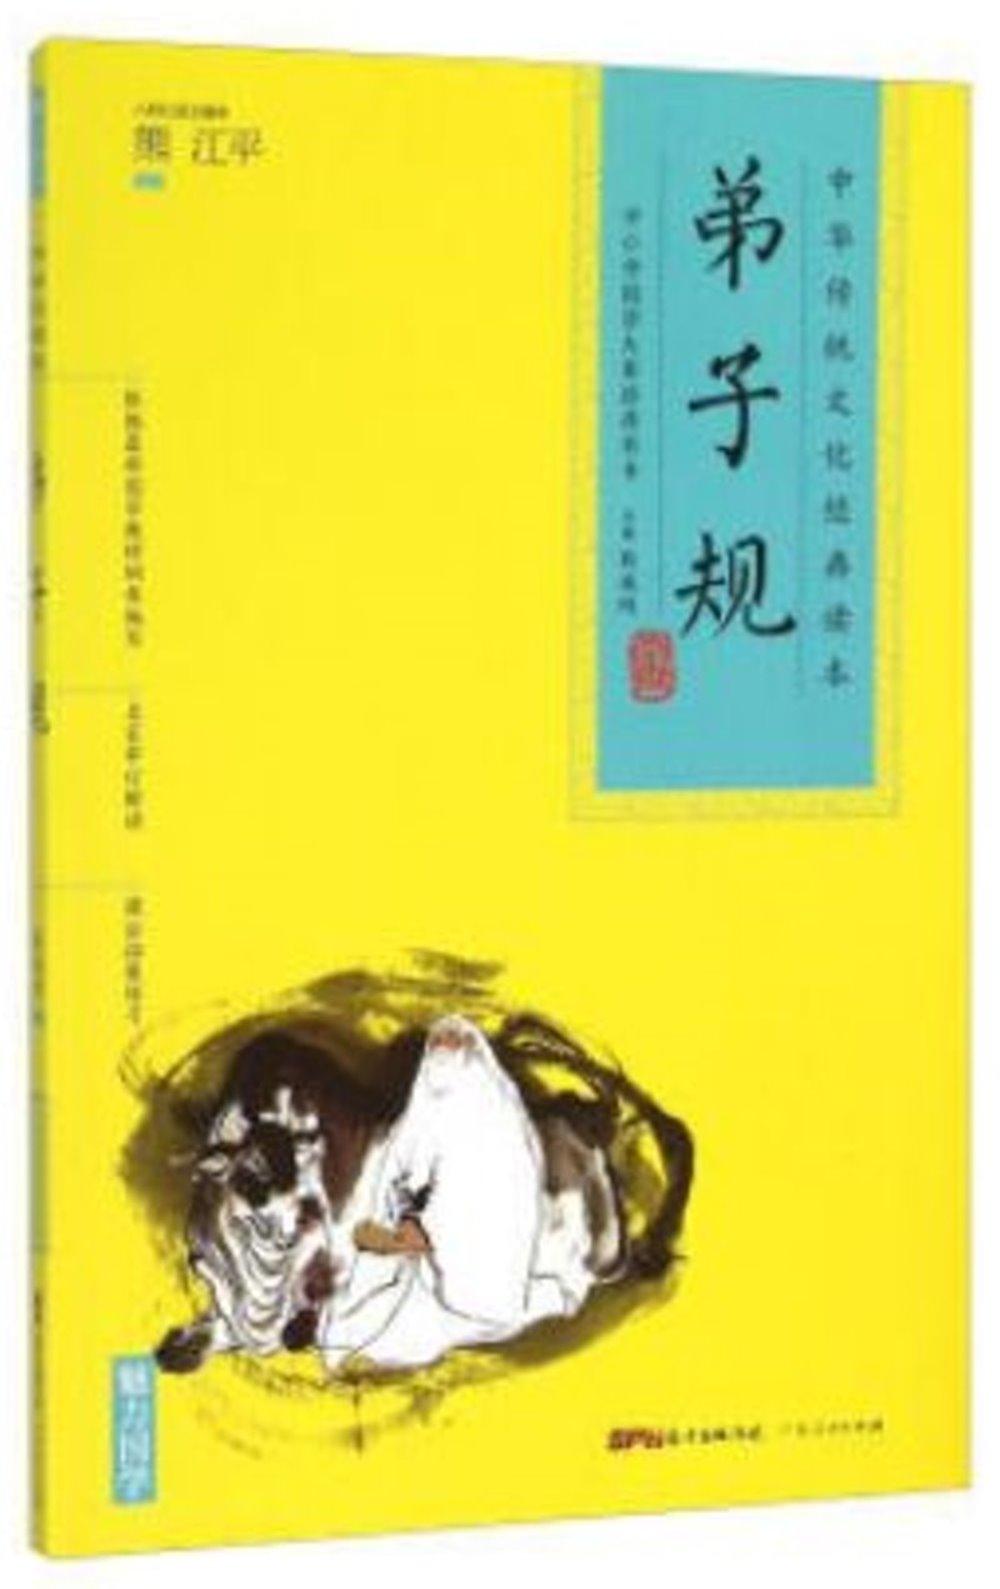 中華傳統文化 讀本:弟子規